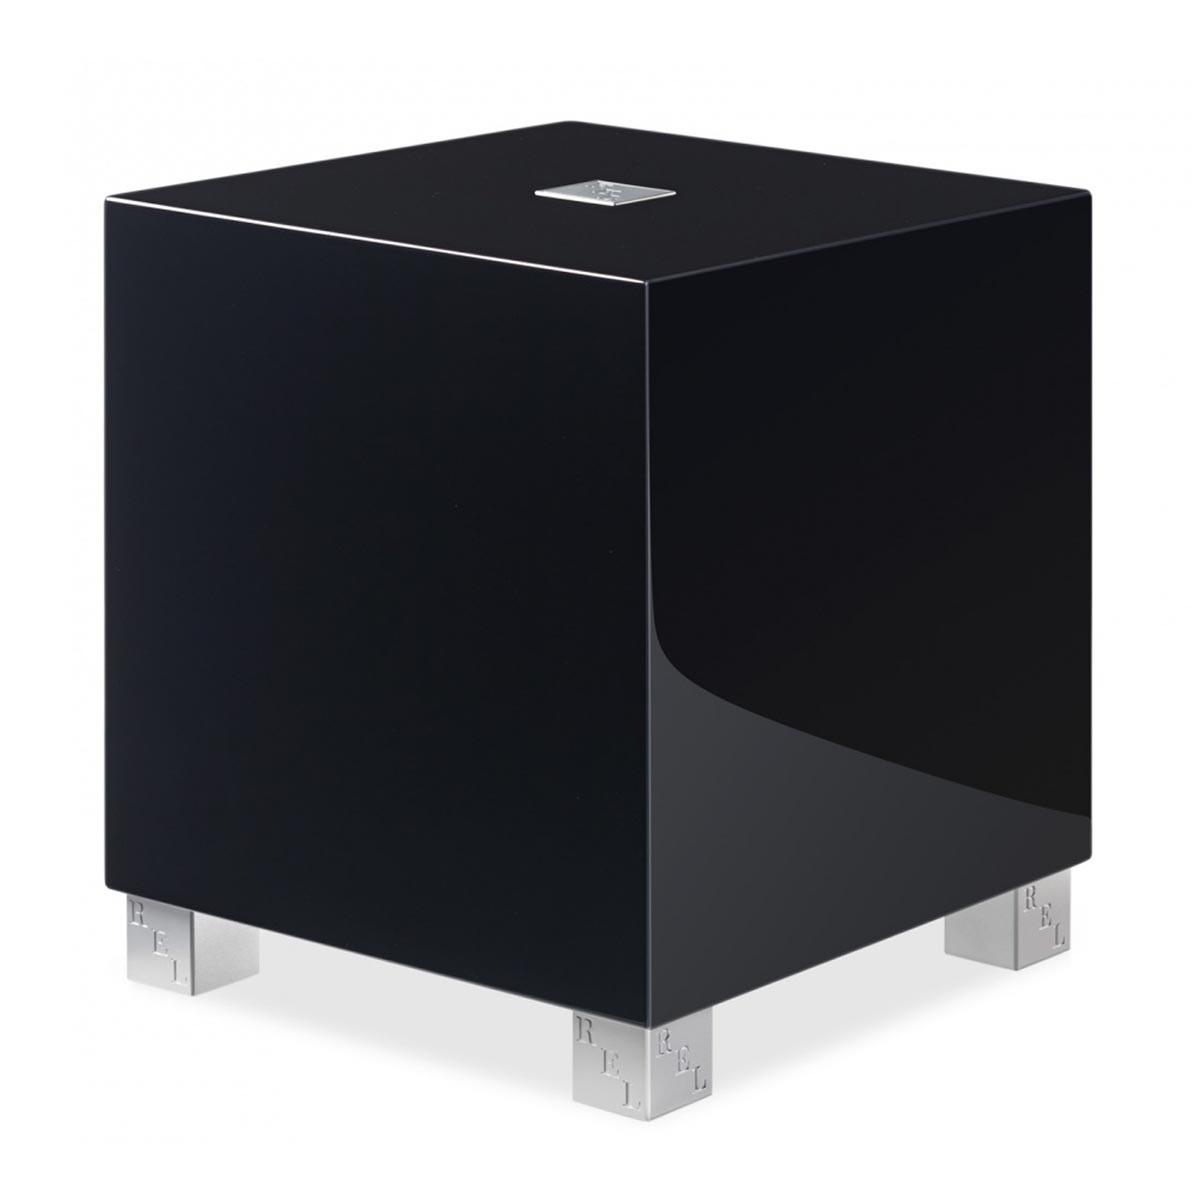 REL T/i5 Barevné provedení: černý klavírní lak